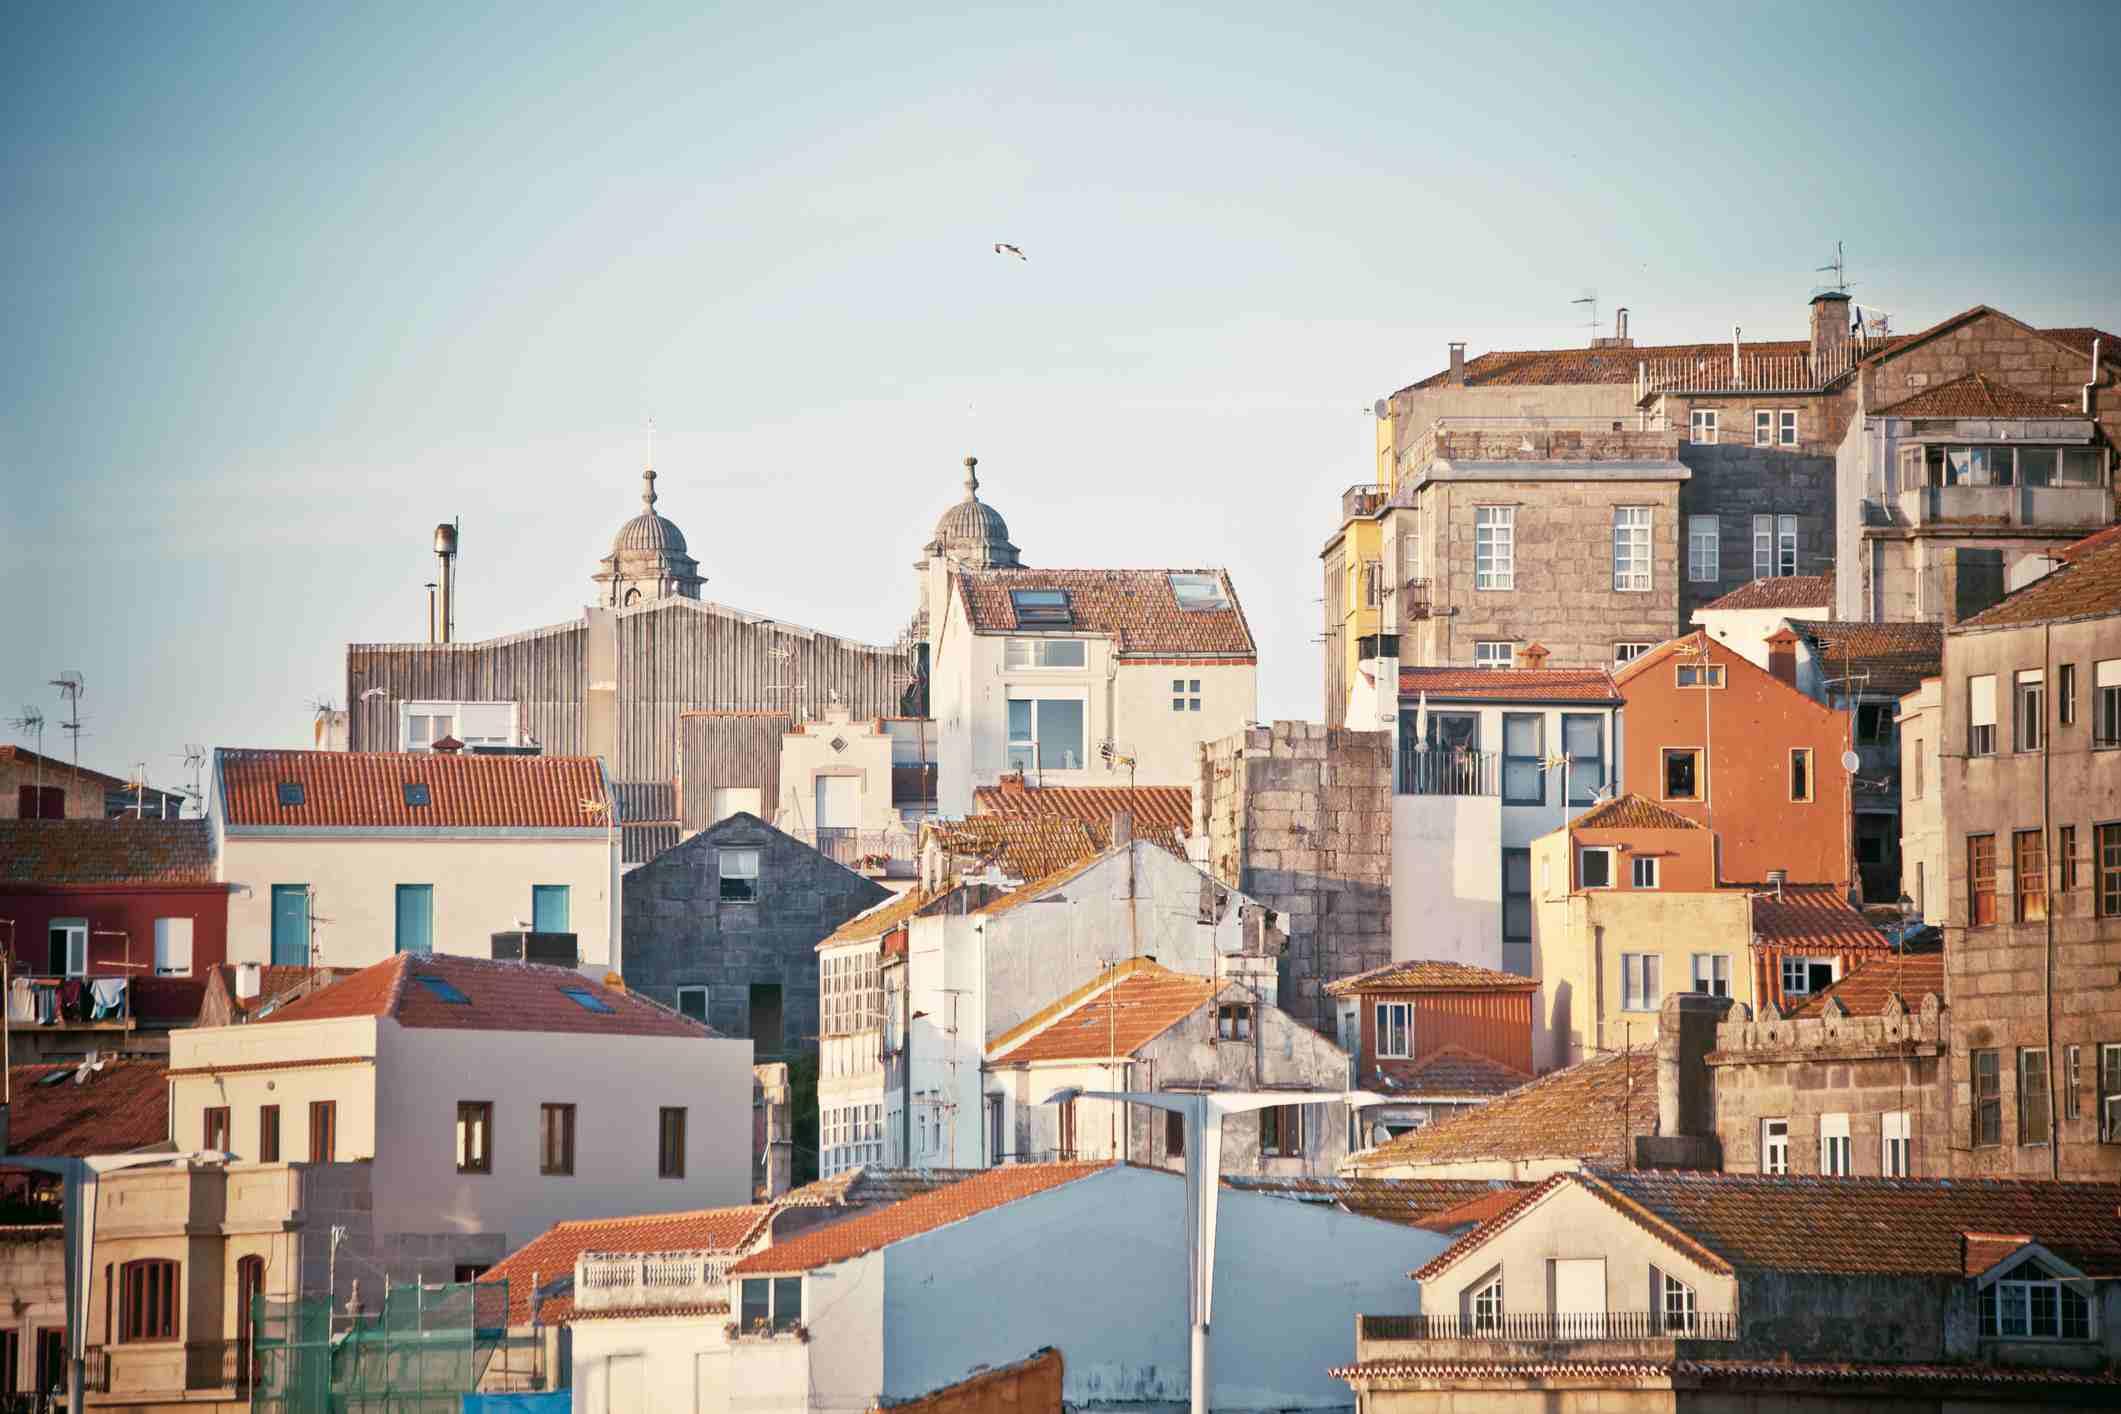 Vigo's Old Town